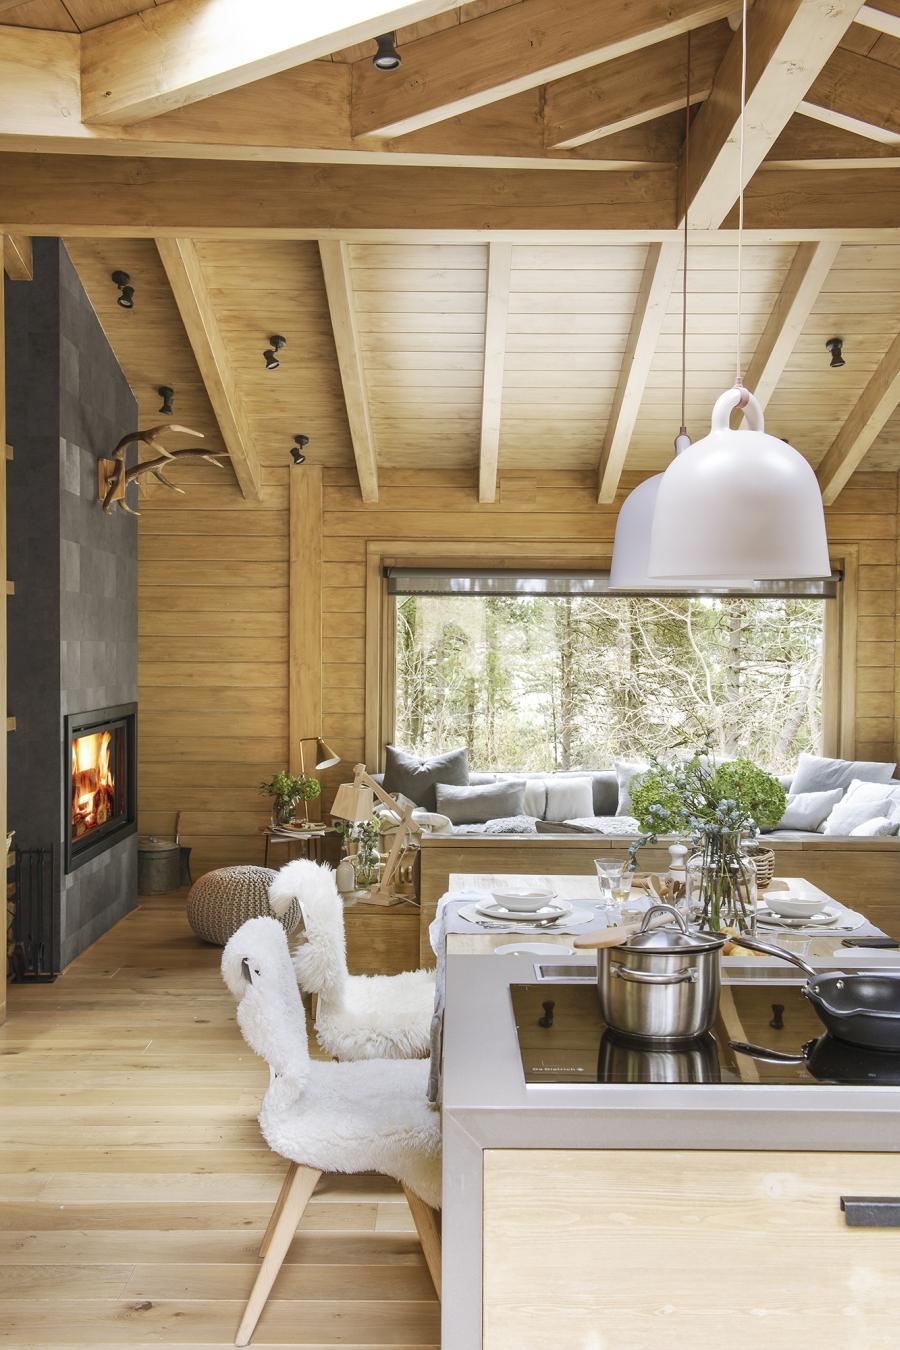 Drewniany domek w środku lasu - wystrój wnętrz, wnętrza, urządzanie mieszkania, dom, home decor, dekoracje, aranżacje, drewniany dom, drewno, eco, ekolodiczny, naturalny, cozy home, styl skandynawski, scandinavian style, otwarta przestrzeń, salon, living room, kuchnia, kitchen, jadalnia, wyspa kuchenna